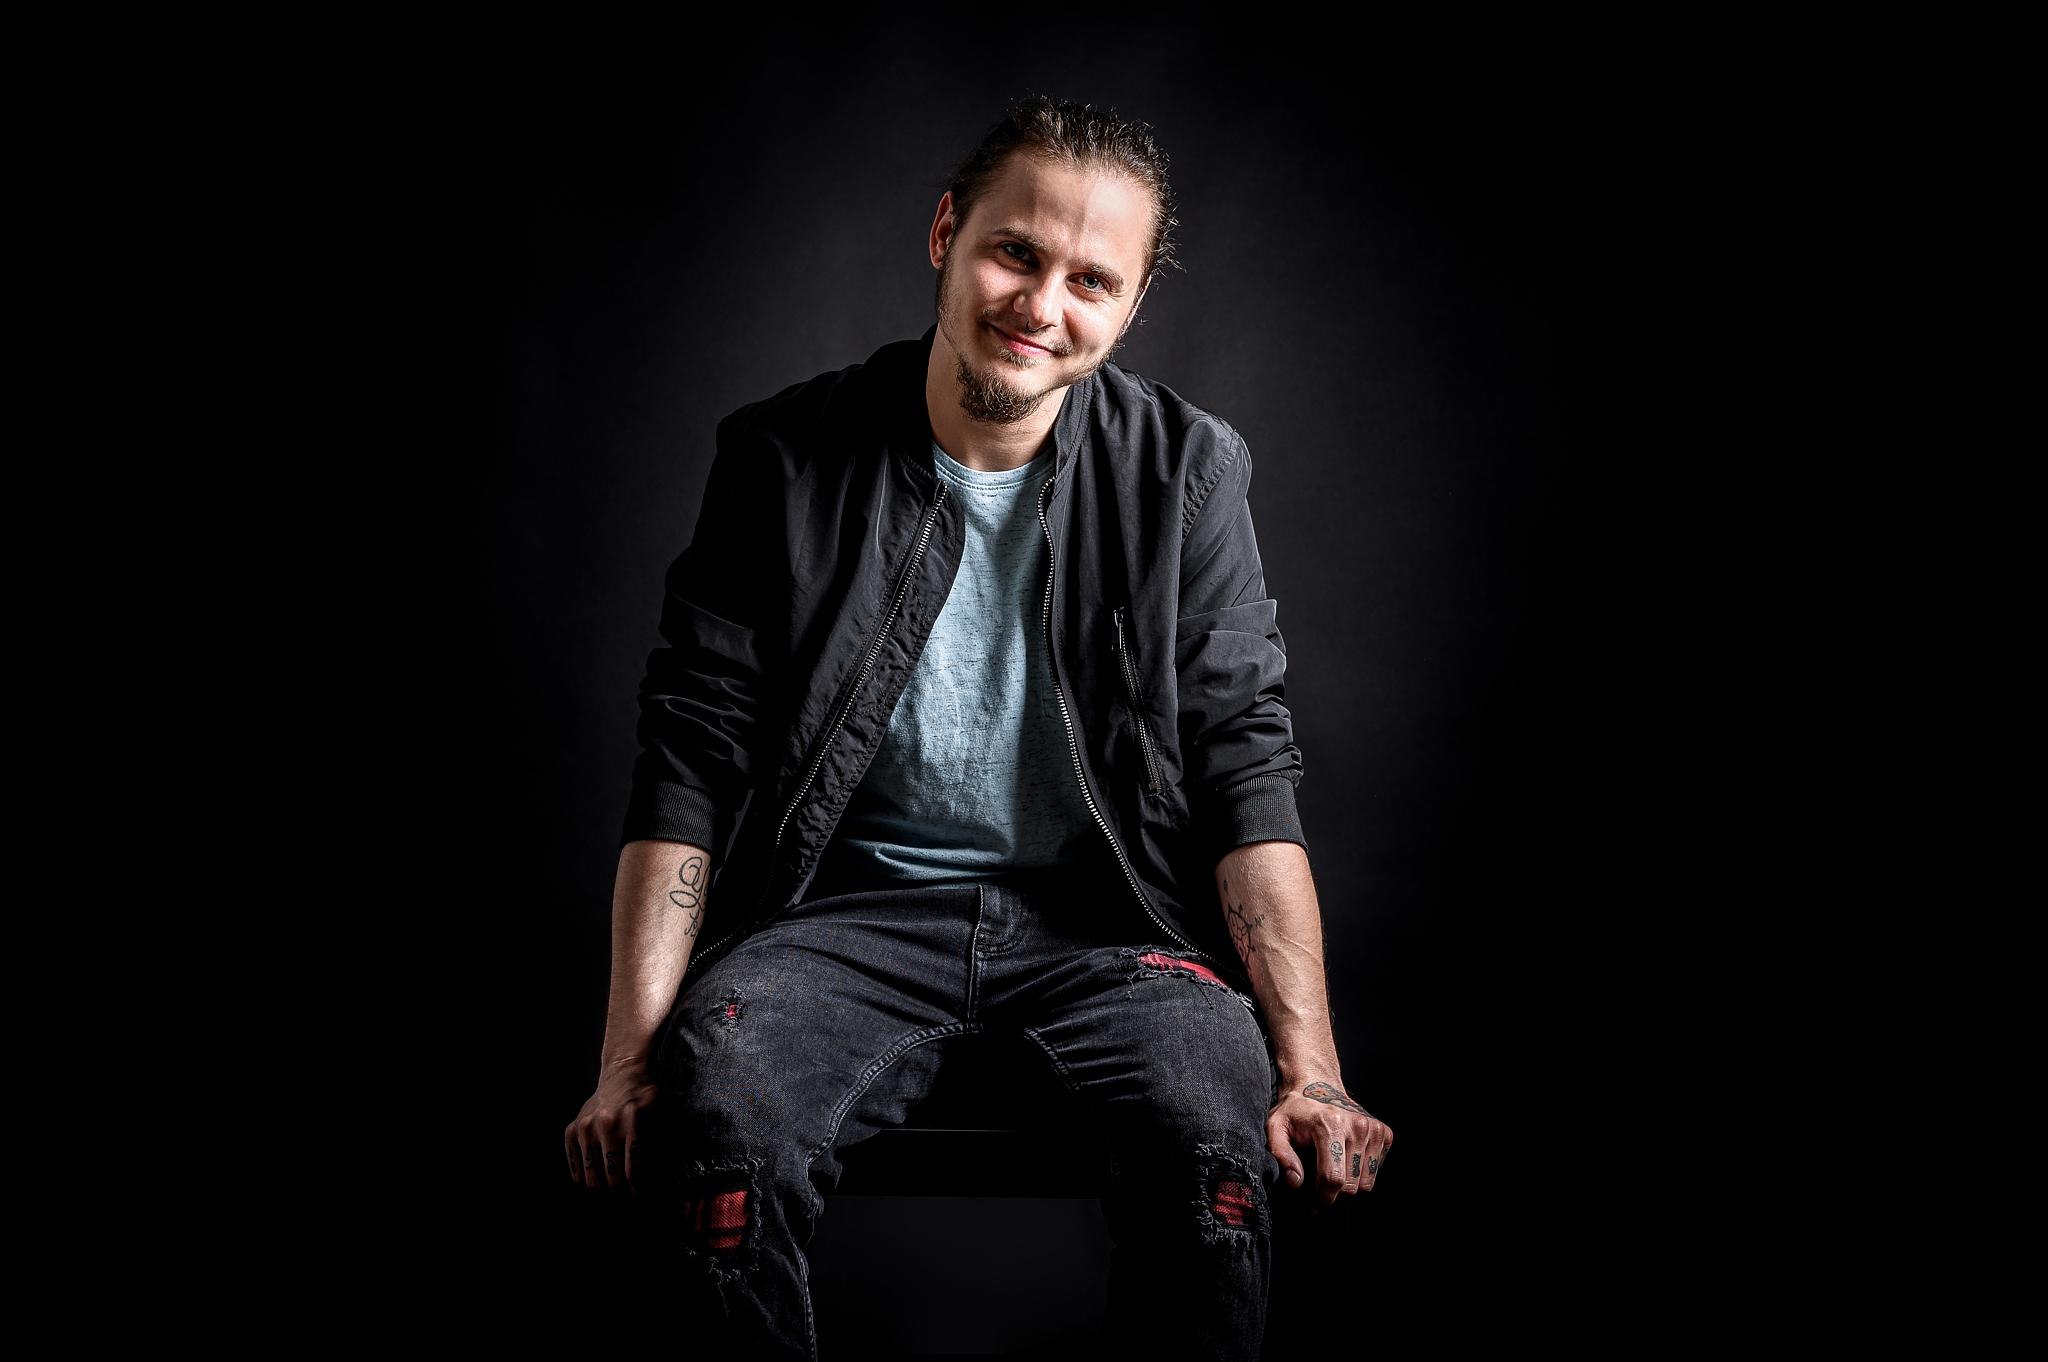 Mužský portrét: jak fotit muže - sedící póza, ruce opřené podél těla